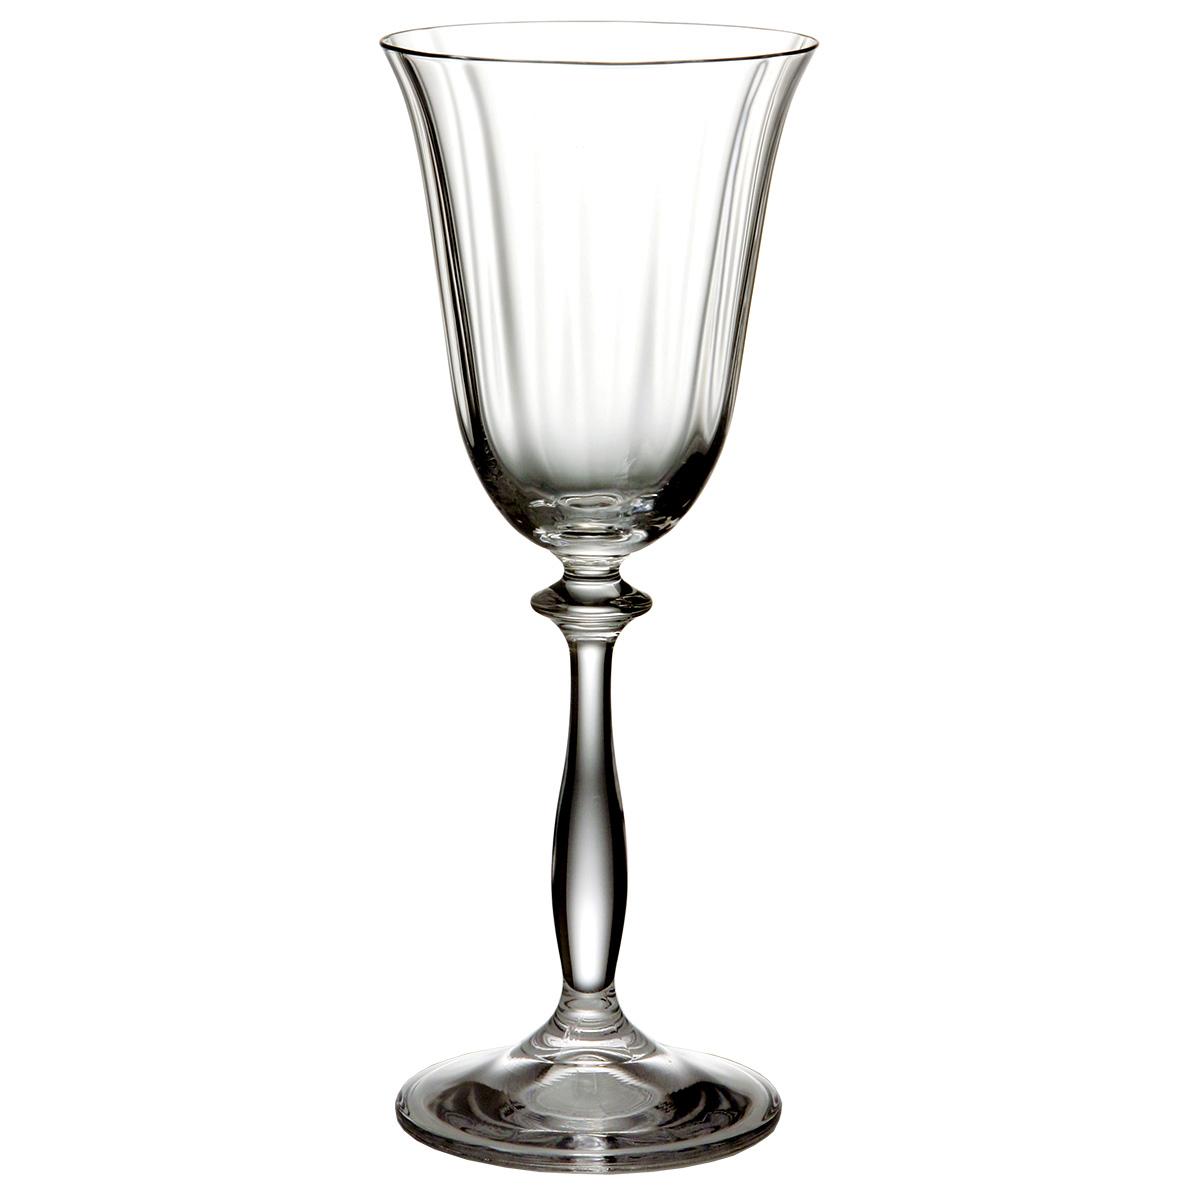 """Бокалы для вина Bohemia Crystal коллекции """"Анжела"""" порадуют не только вас, но и ваших гостей. Они обладают привлекательным внешним видом, а материалом их изготовления является высококачественное хрустальное стекло. Бокалы прозрачные с элегантной формой ножки. Объем бокала 250 мл. Количество в упаковке 6 шт."""